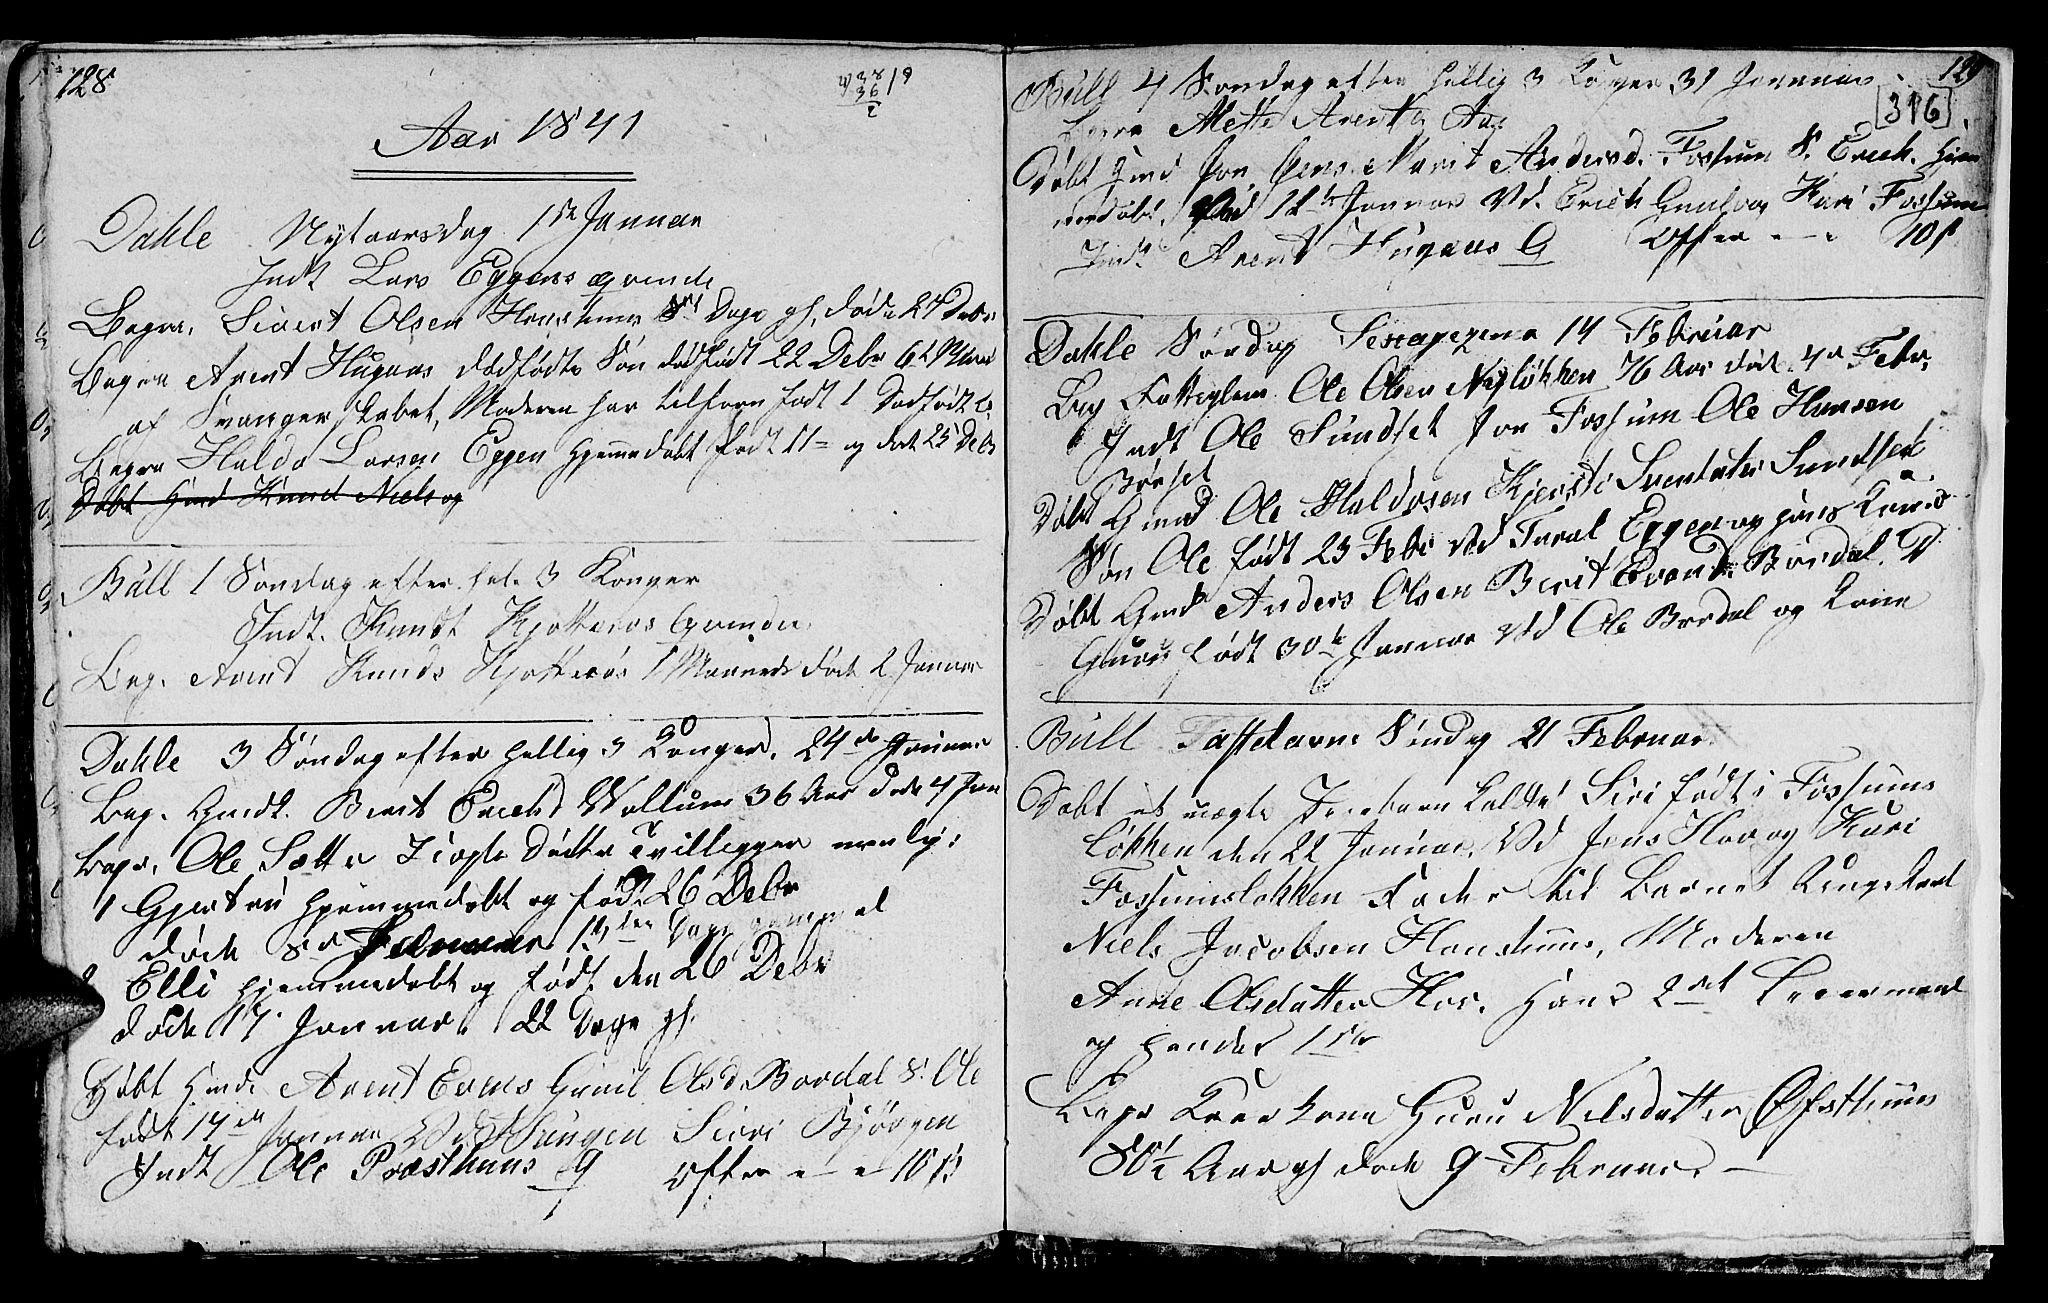 SAT, Ministerialprotokoller, klokkerbøker og fødselsregistre - Sør-Trøndelag, 689/L1042: Klokkerbok nr. 689C01, 1812-1841, s. 315-316